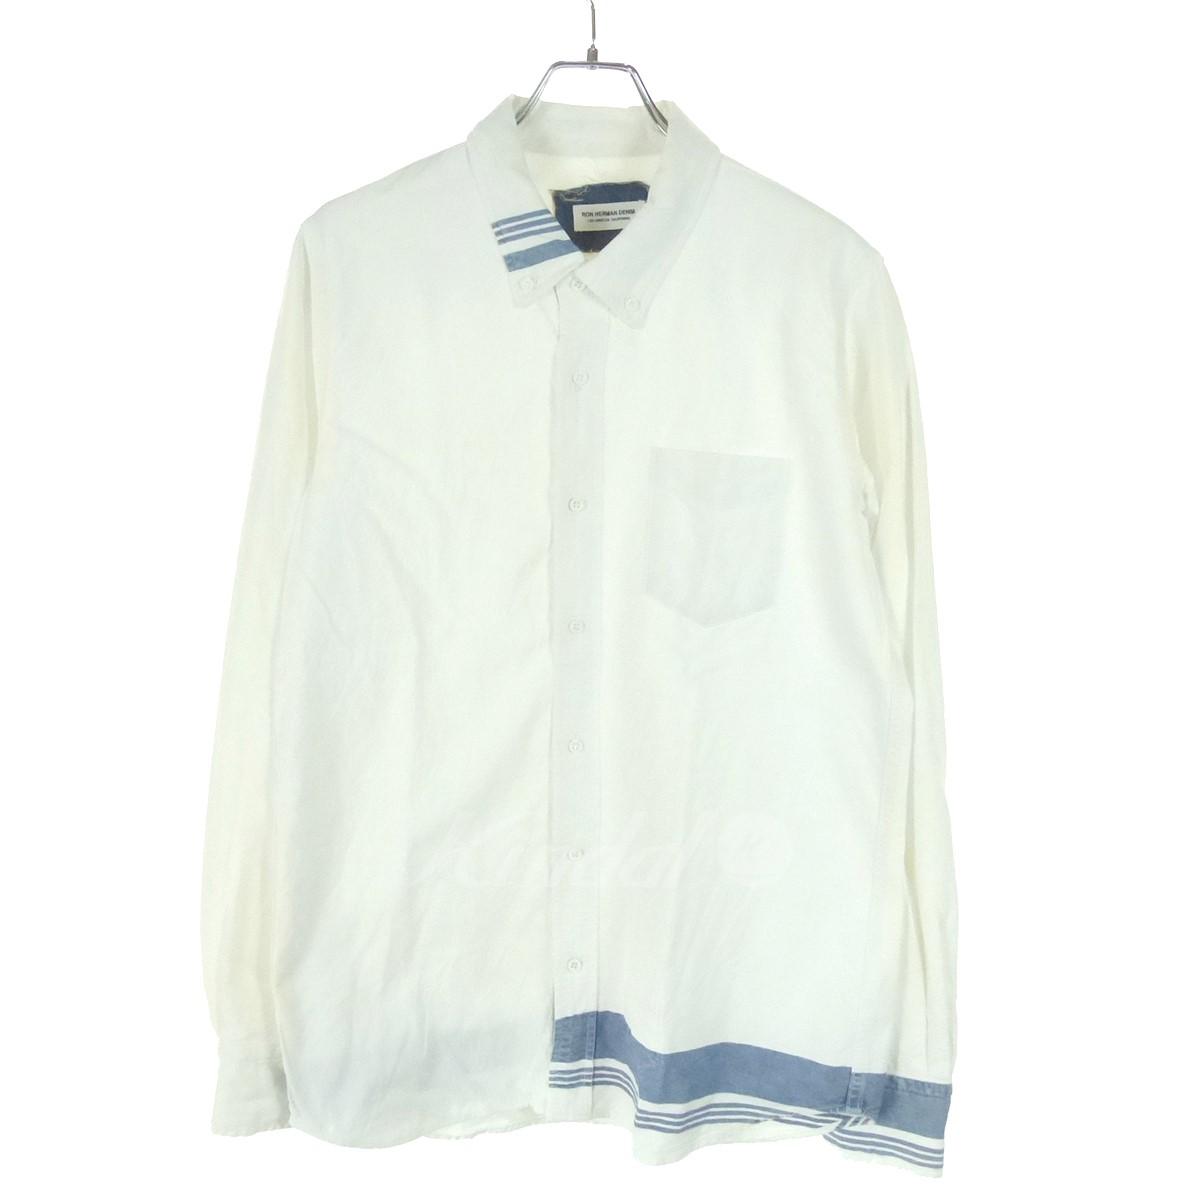 【中古】RON HERMAN DENIM 切替ボーダーコットンシャツ ホワイト×インディゴ サイズ:L 【送料無料】 【200318】(ロンハーマン)